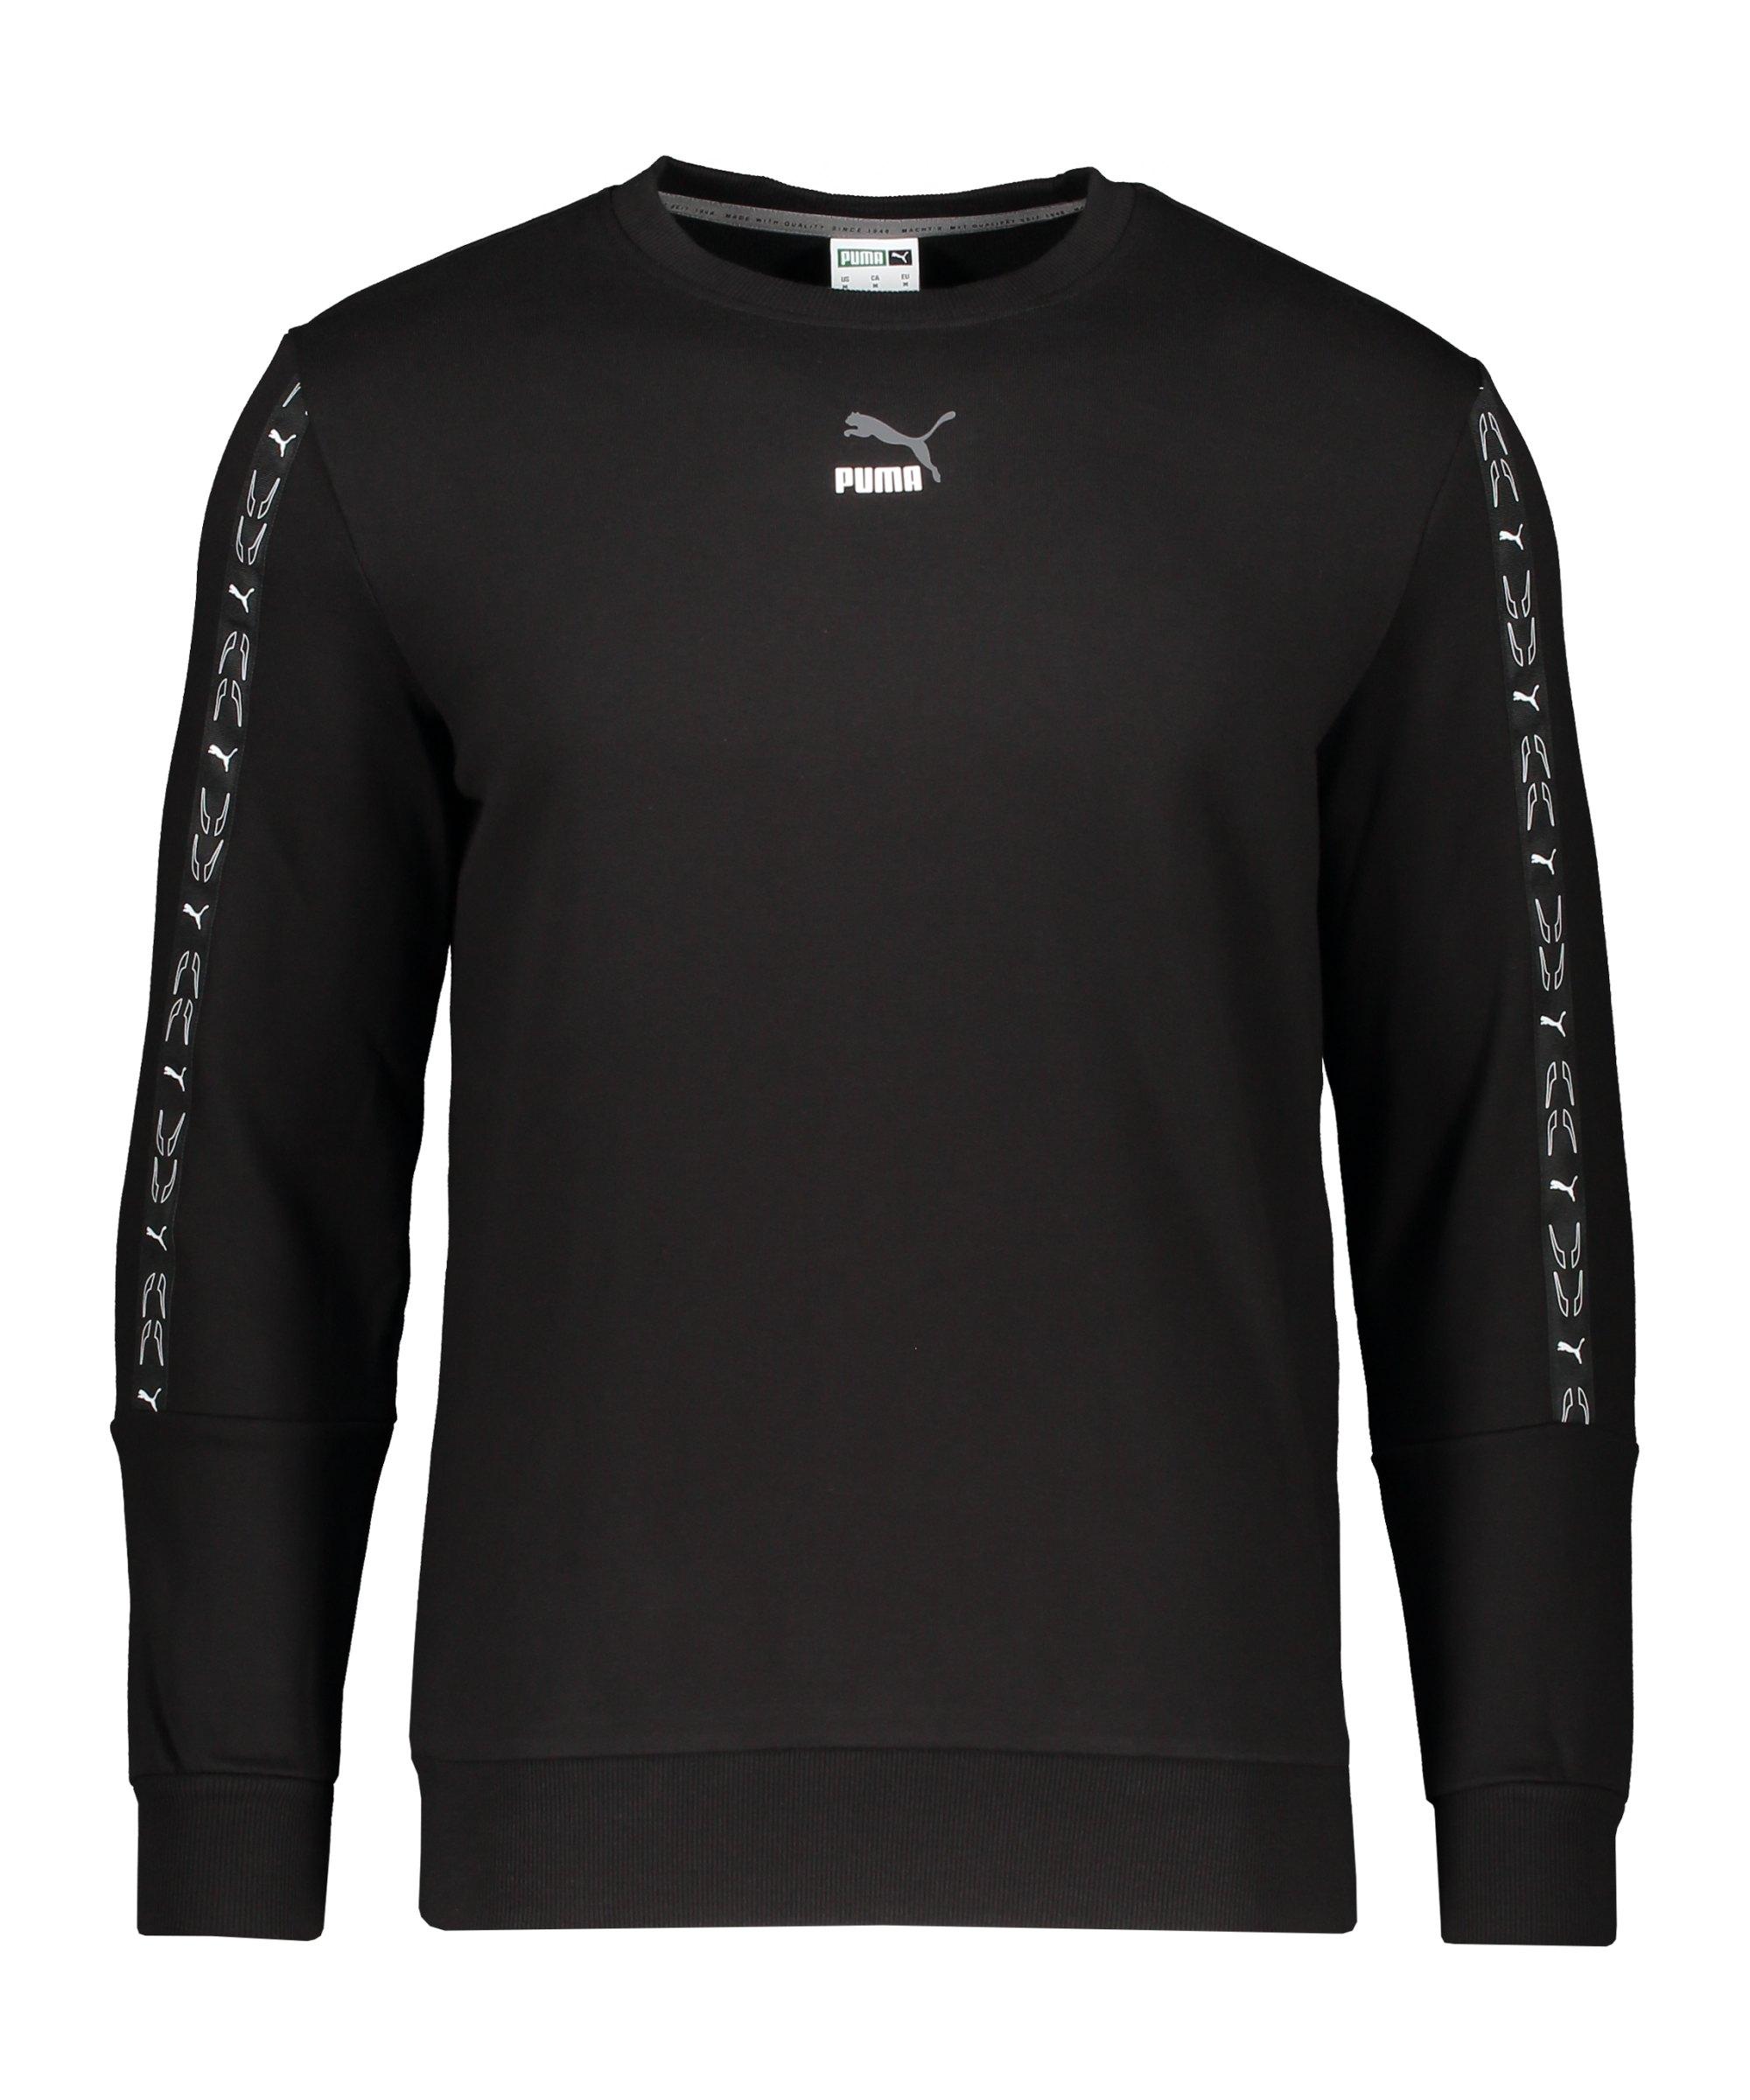 PUMA ELEVATE Sweatshirt Schwarz F01 - schwarz